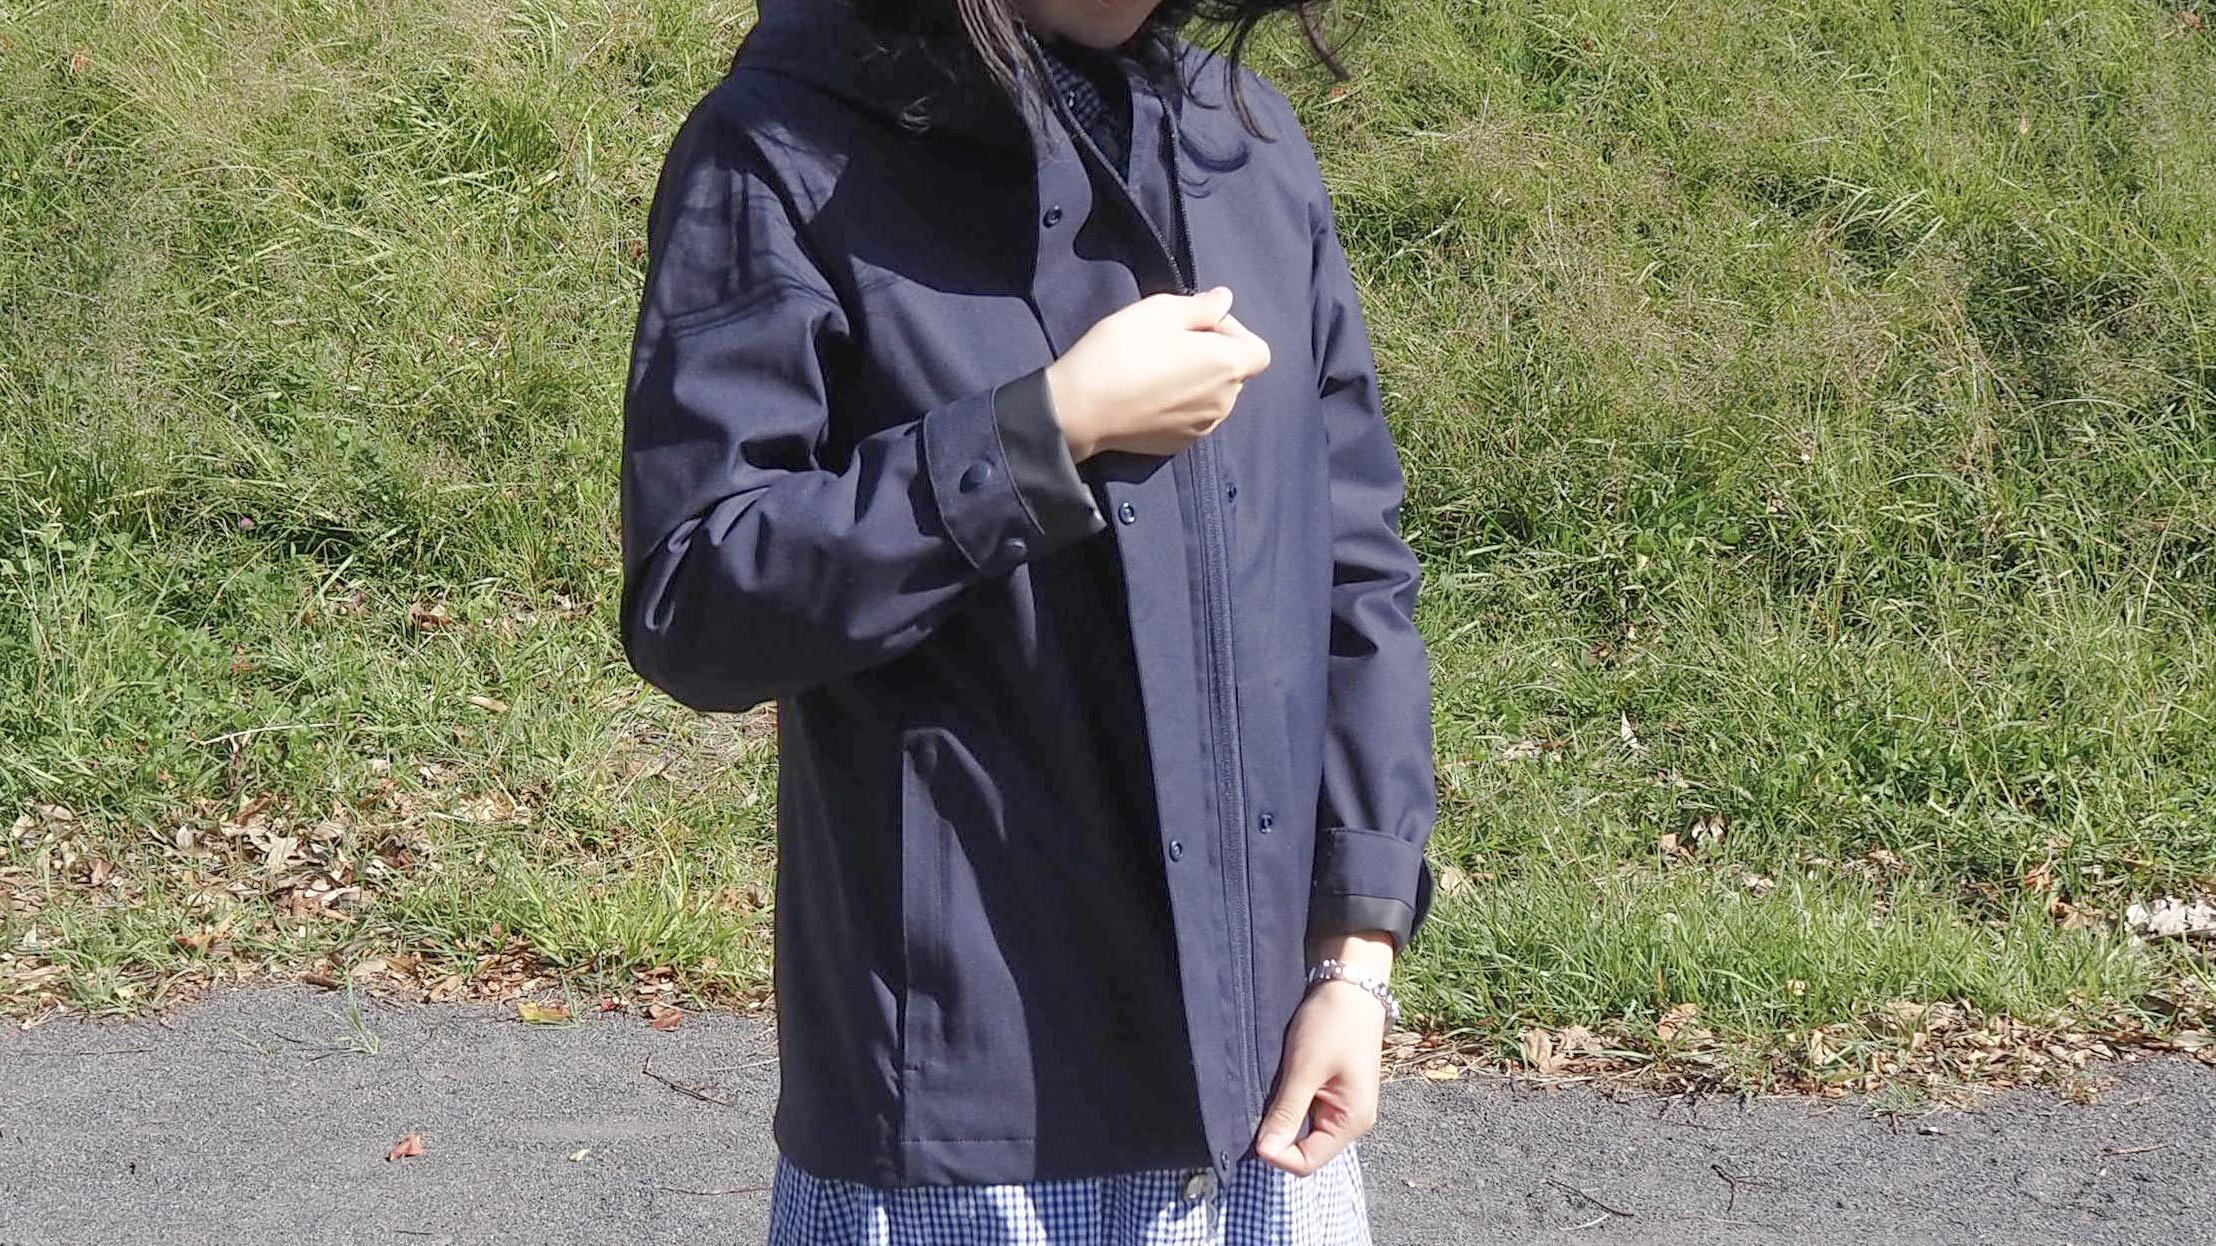 行楽の秋の必須アイテム!ユニクロのブロックテックパーカ、一枚持ってると安心感がすごいぞ…!|マイ定番スタイル